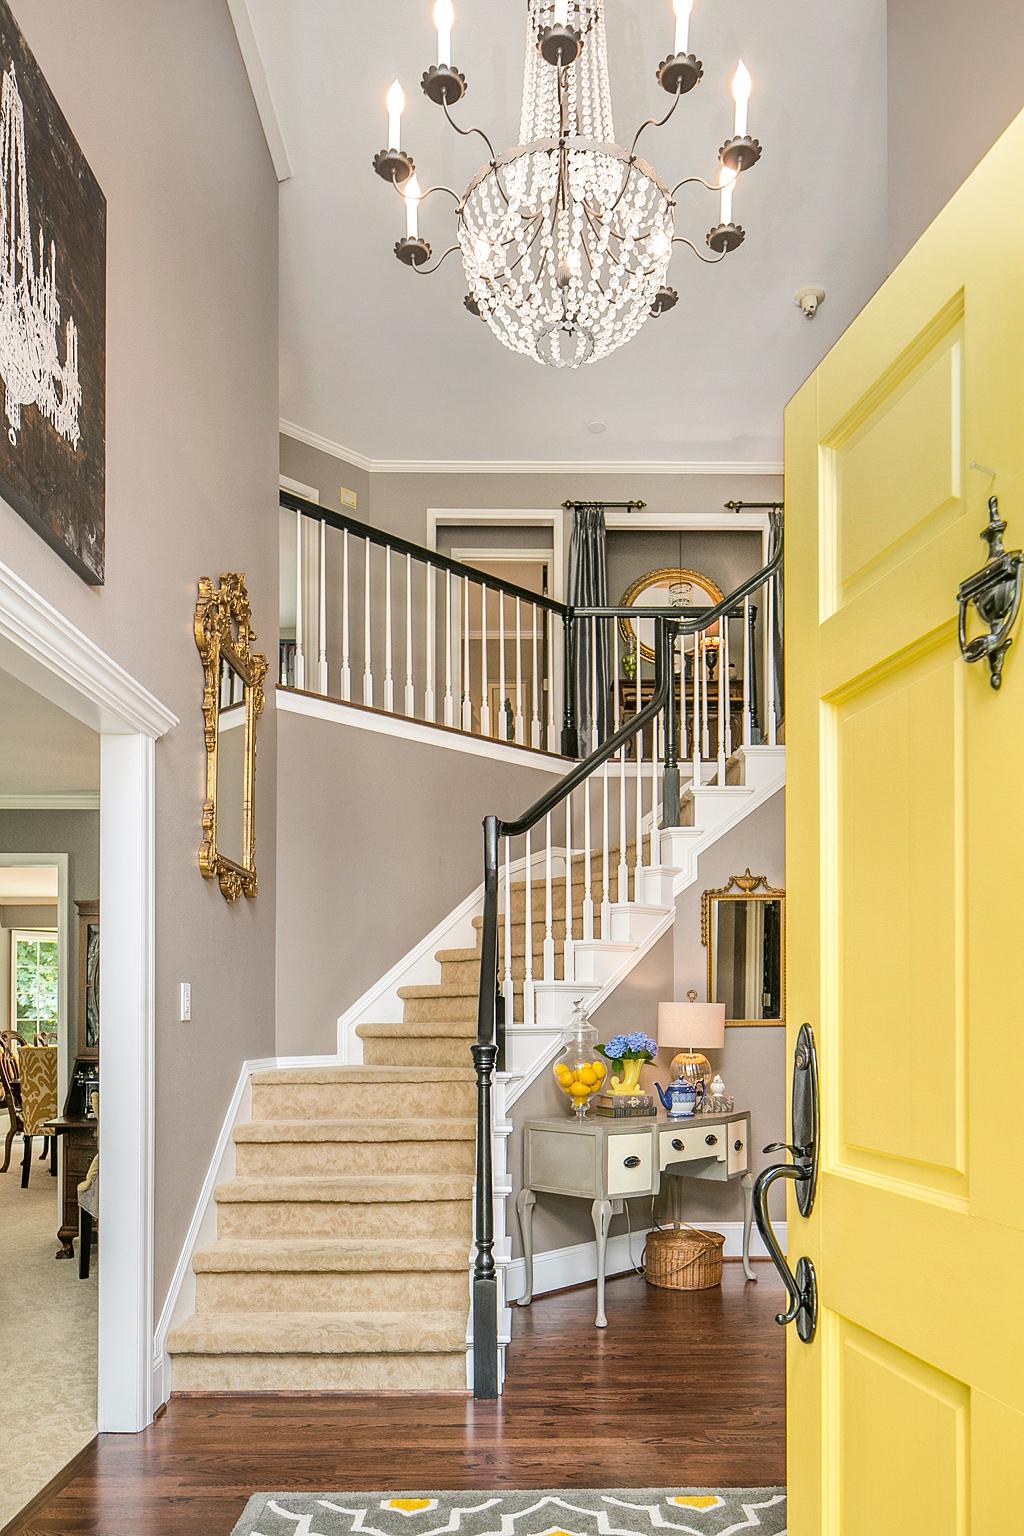 Single Family Home for Sale at Madera Circle 11425 Madera Circle Sw Lakewood, Washington 98499 United States